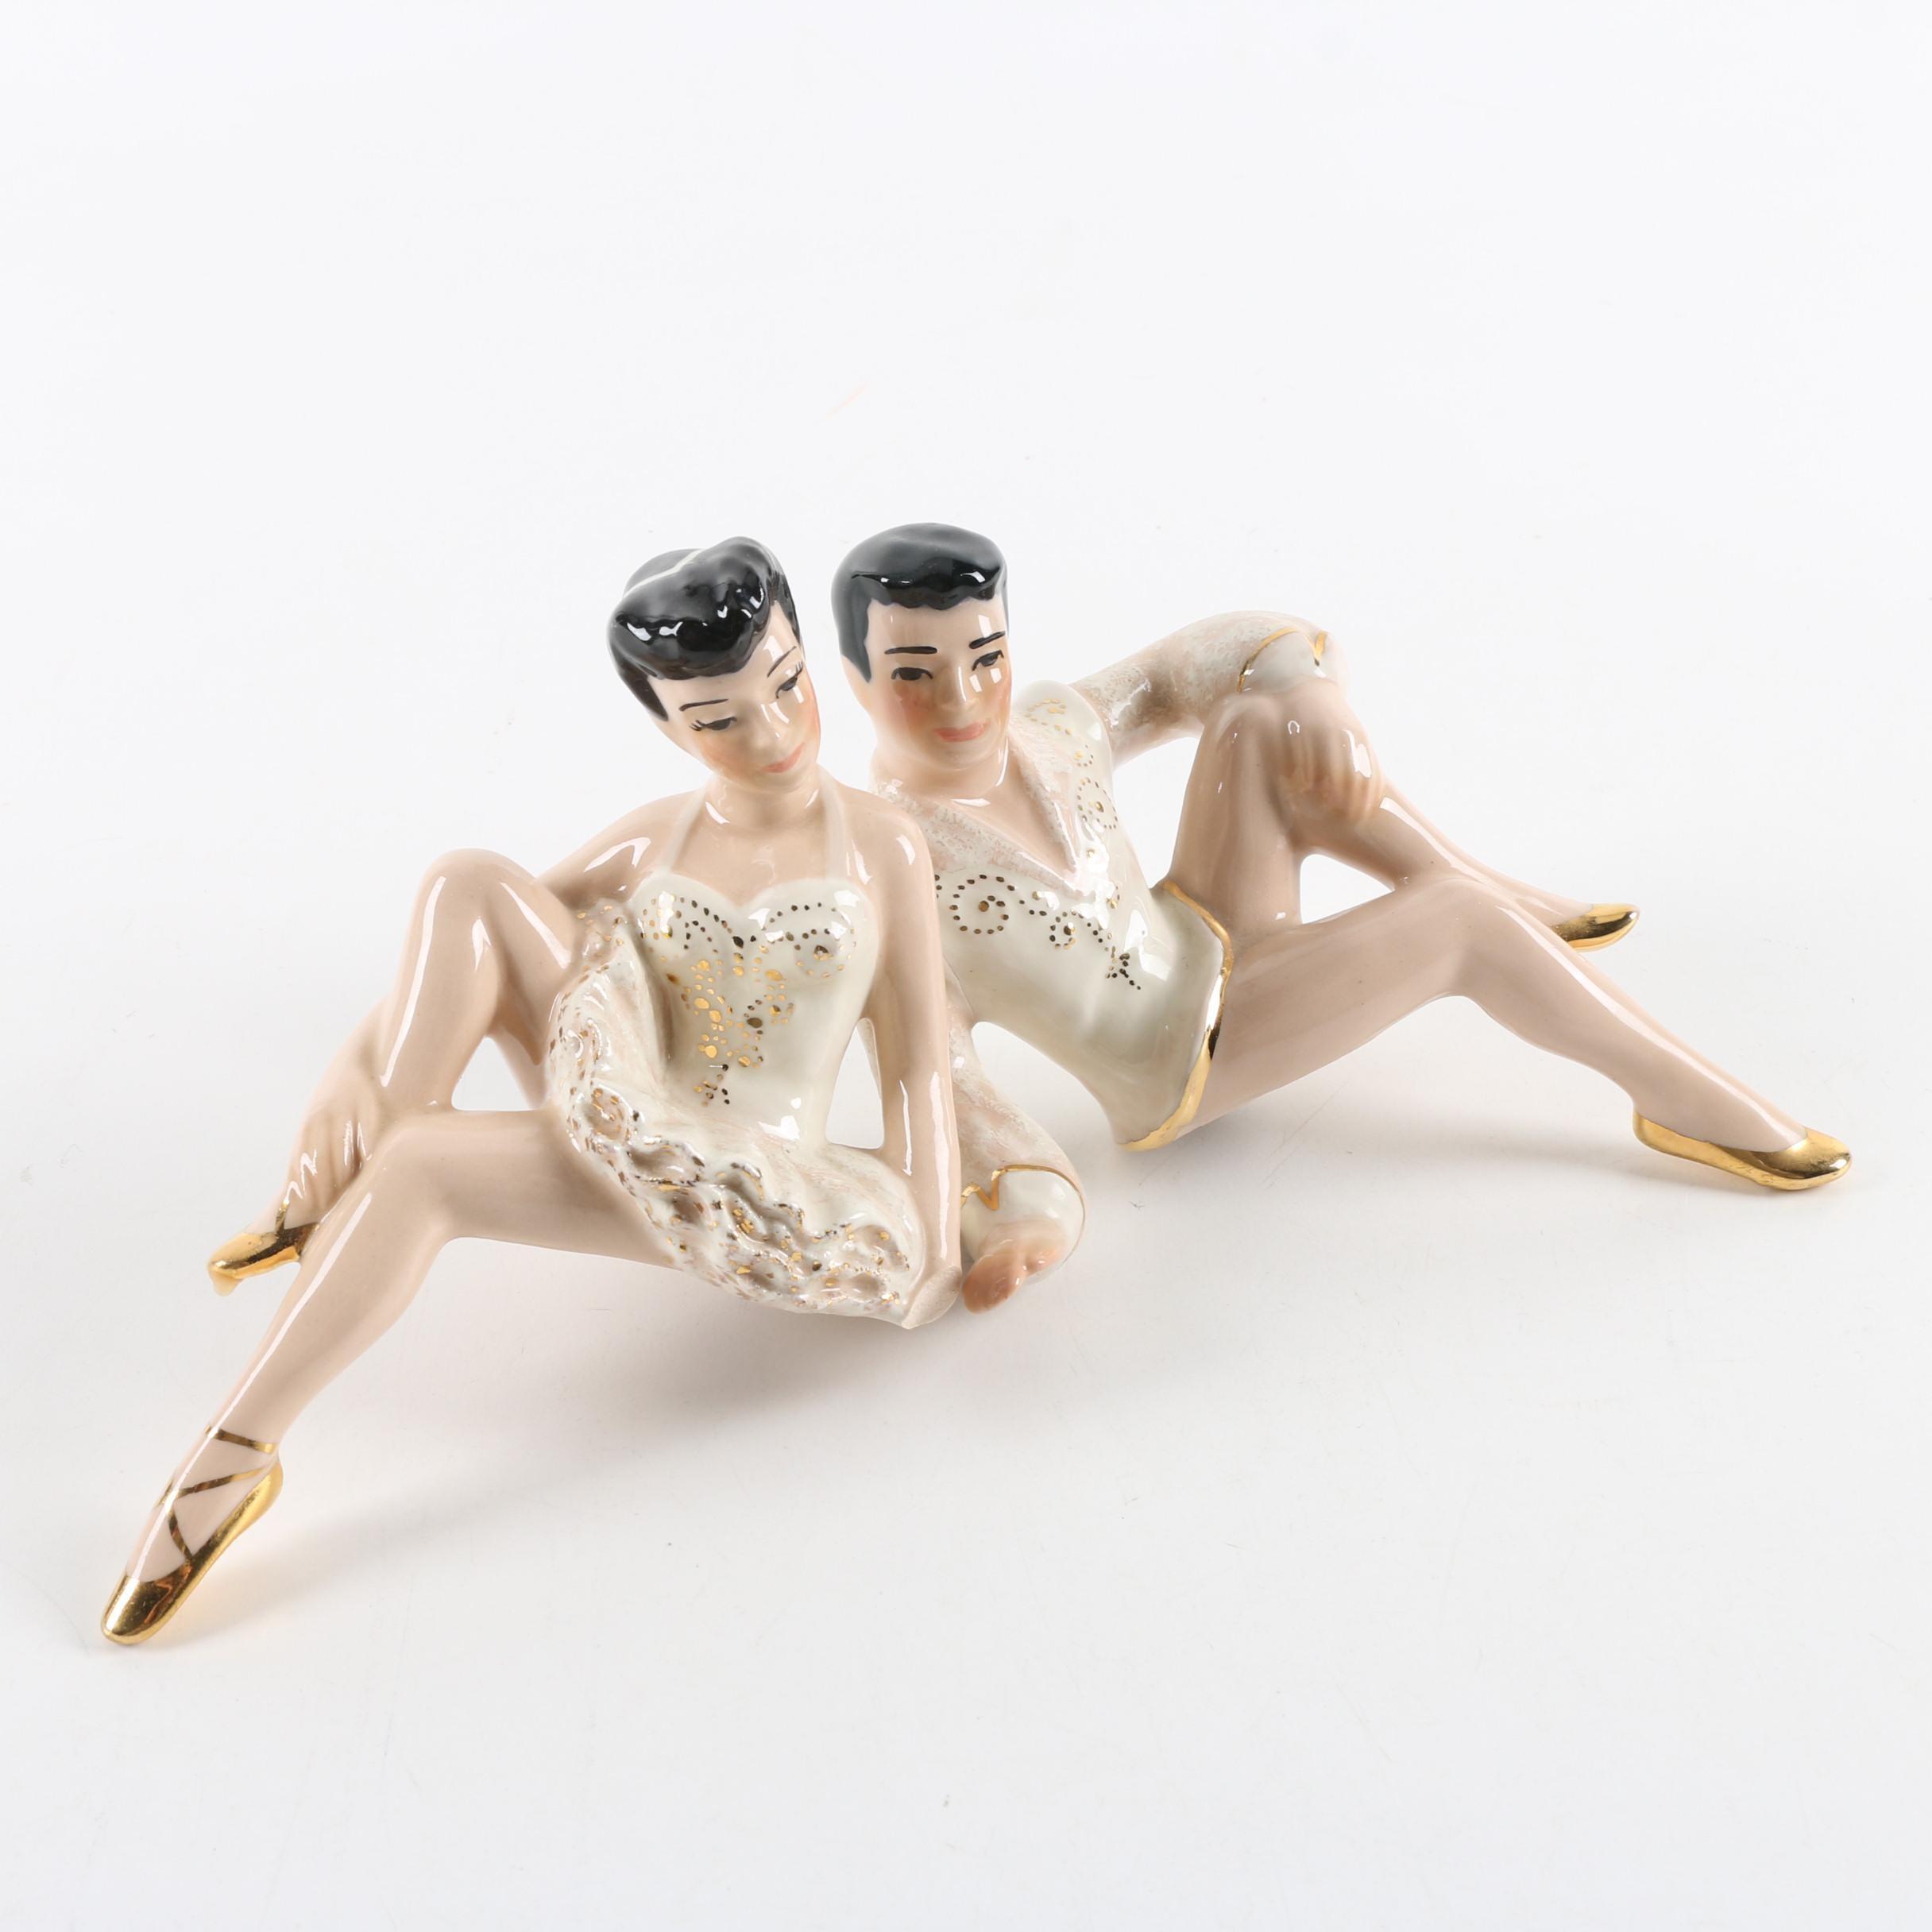 Ceramic Arts Studio Shelf Dancer Figurines